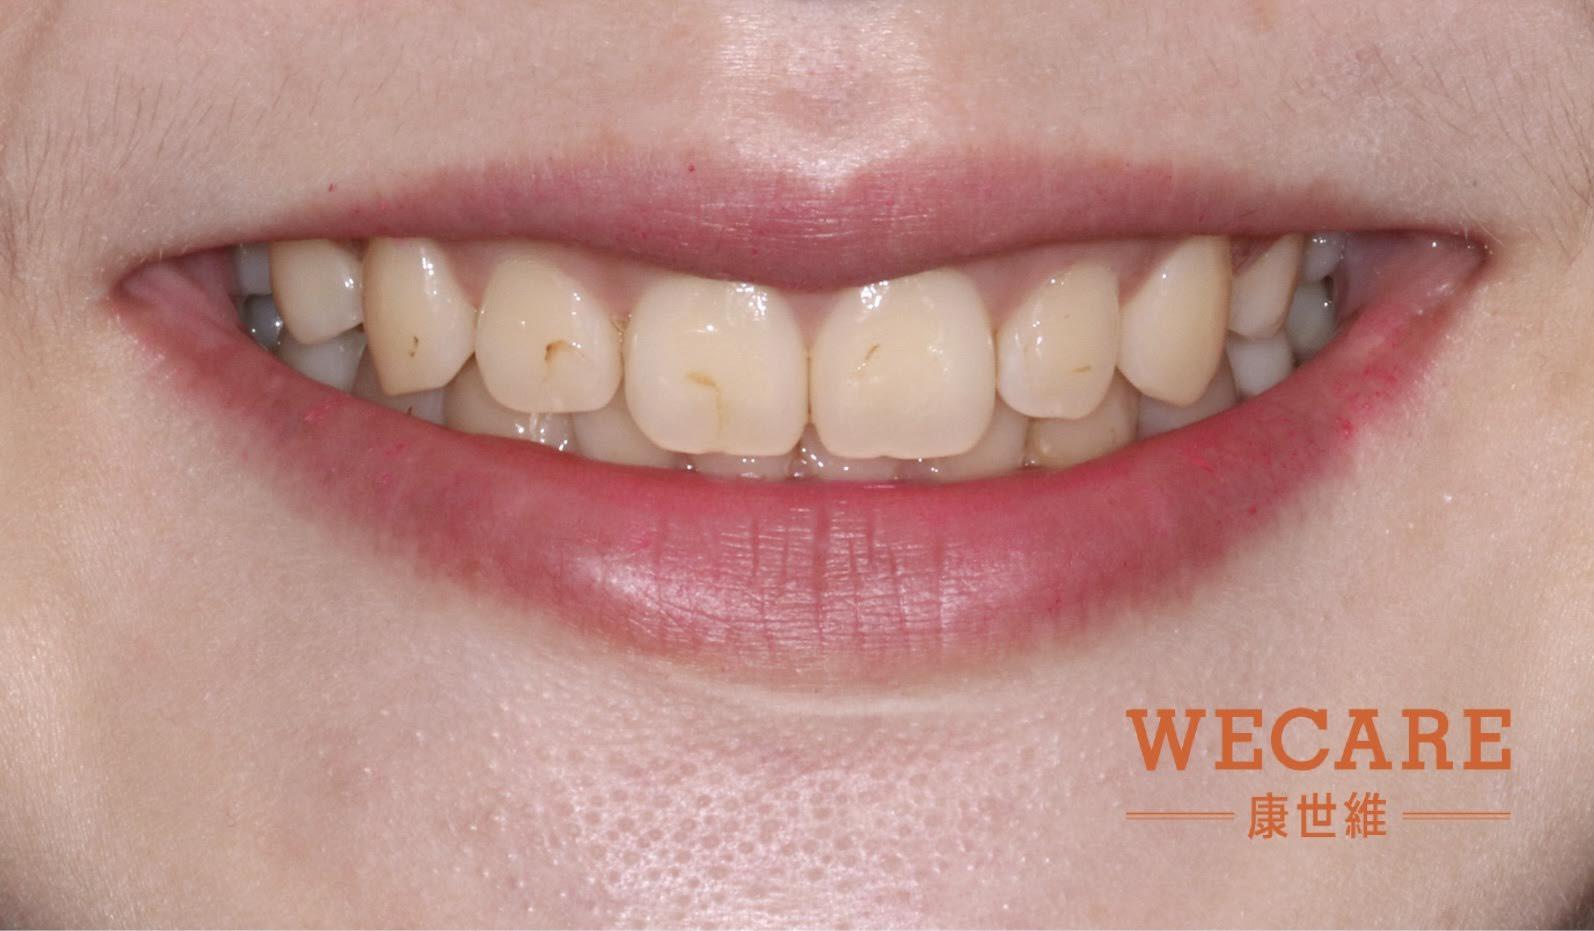 治療前: 齒色不均